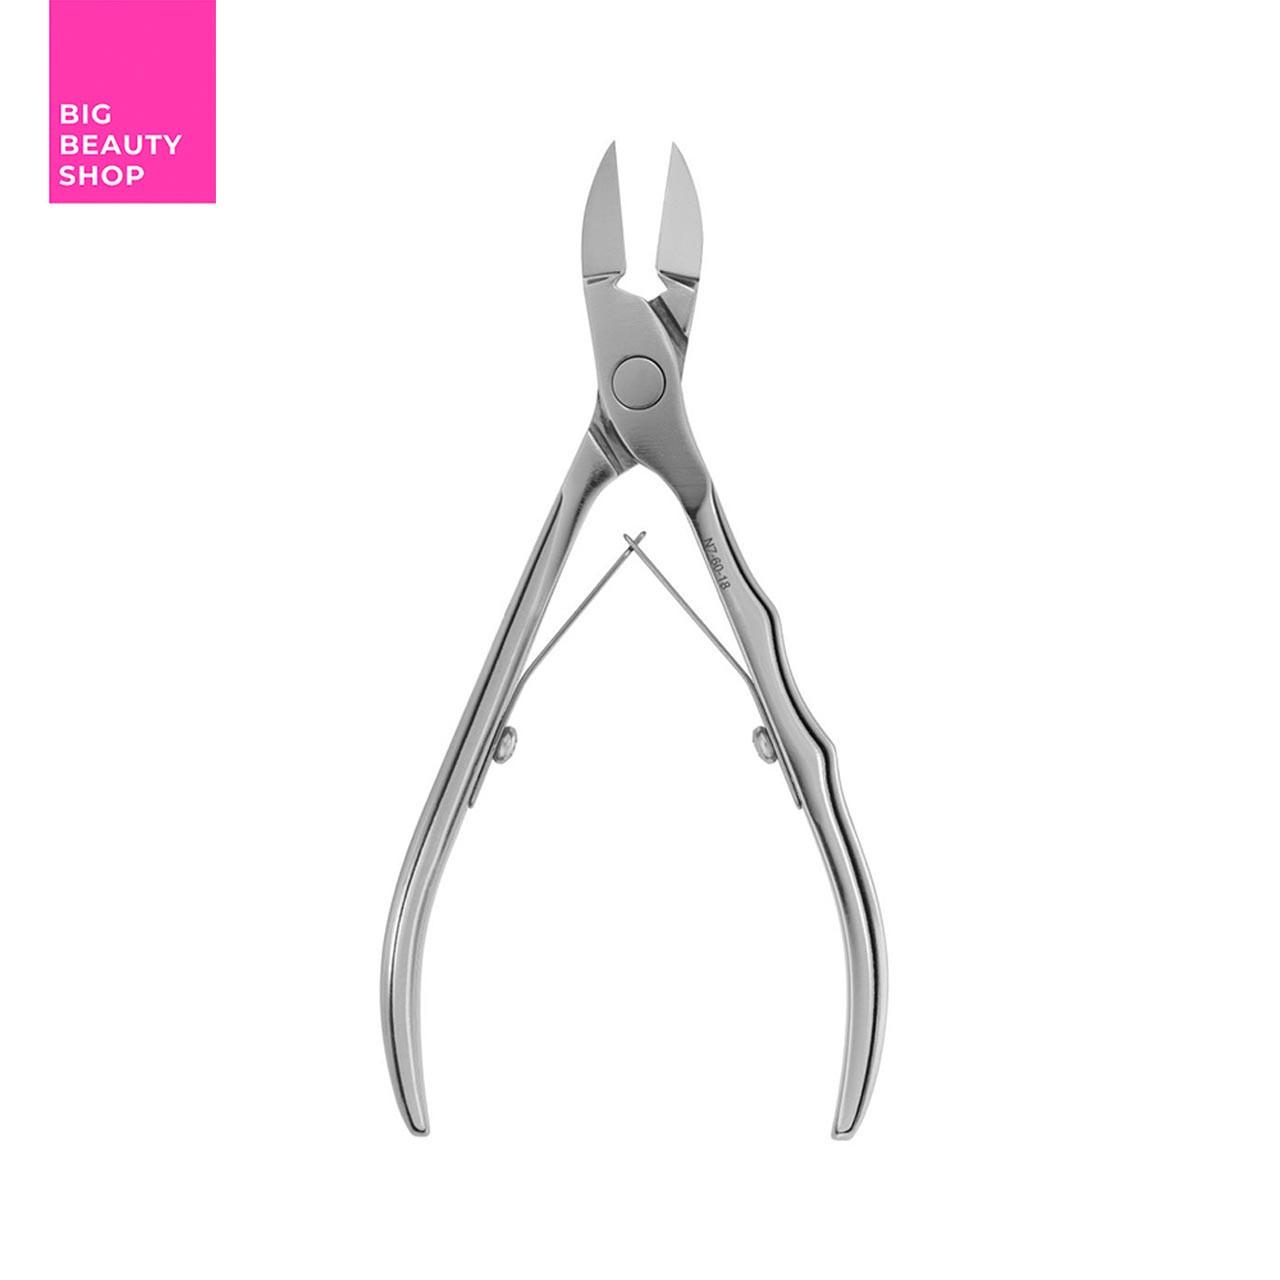 Профессиональные кусачки для ногтей Staleks NE-60-18, 18 мм